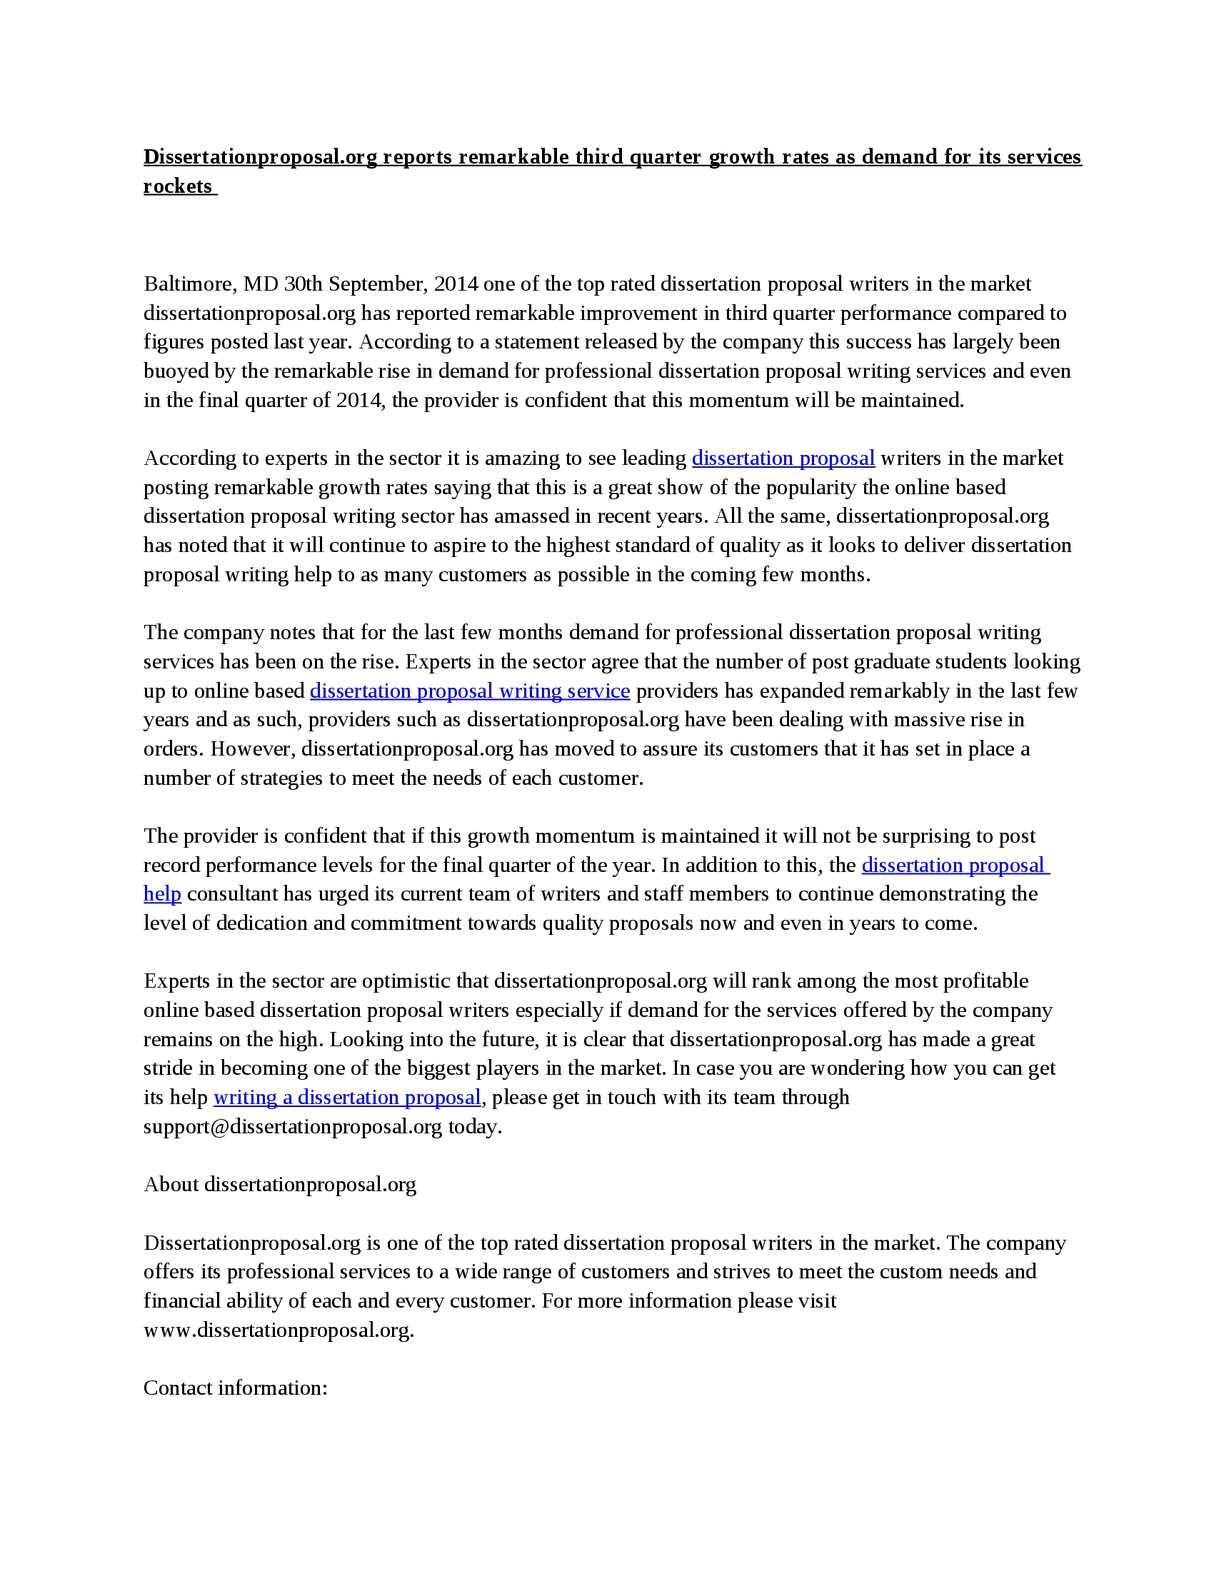 Descriptive essay editing services uk